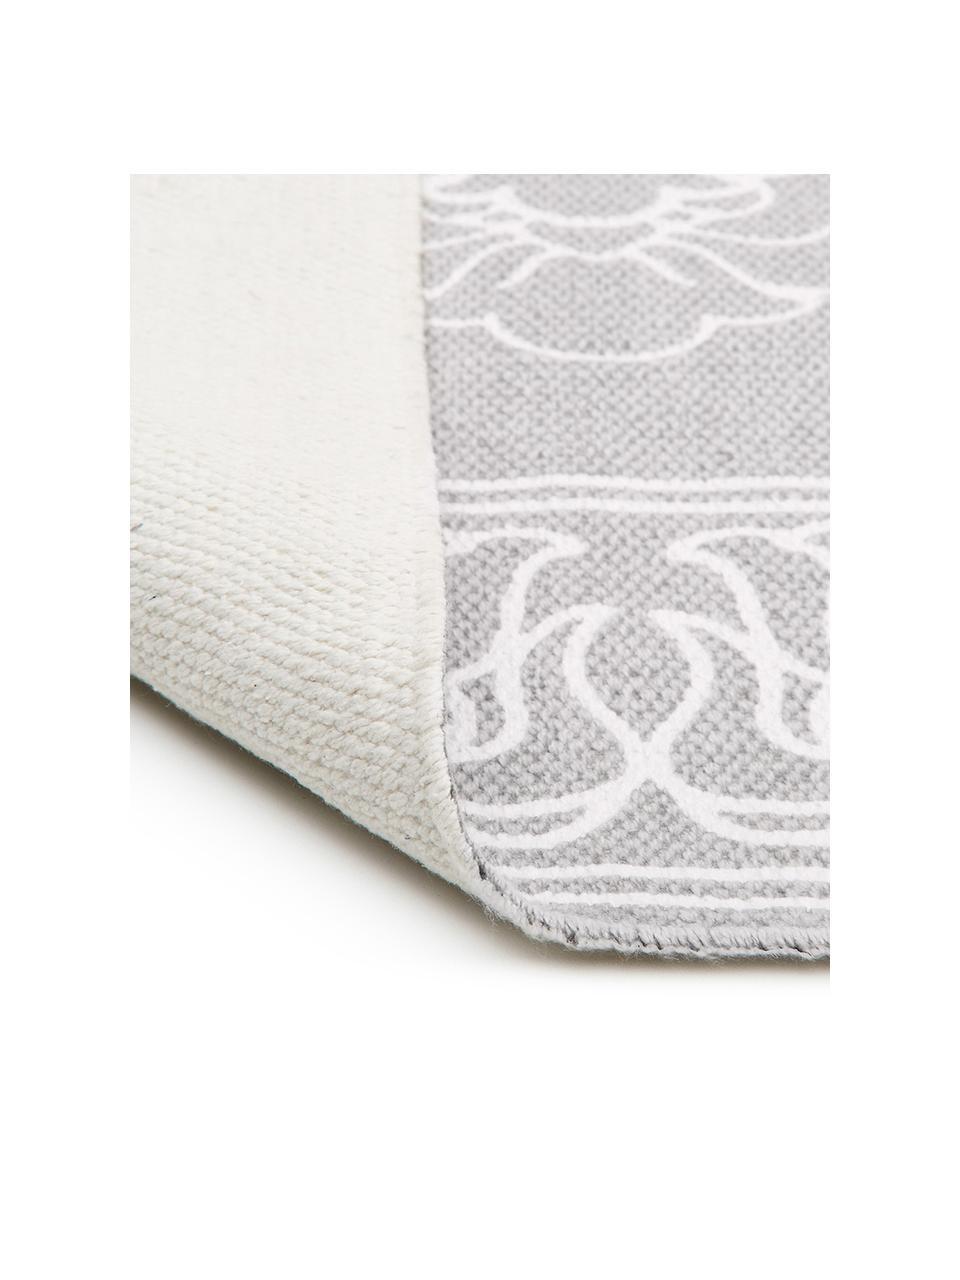 Gemusterter Baumwollteppich Salima mit Quasten, handgewebt, 100% Baumwolle, Hellgrau, Cremeweiß, B 200 x L 300 cm (Größe L)